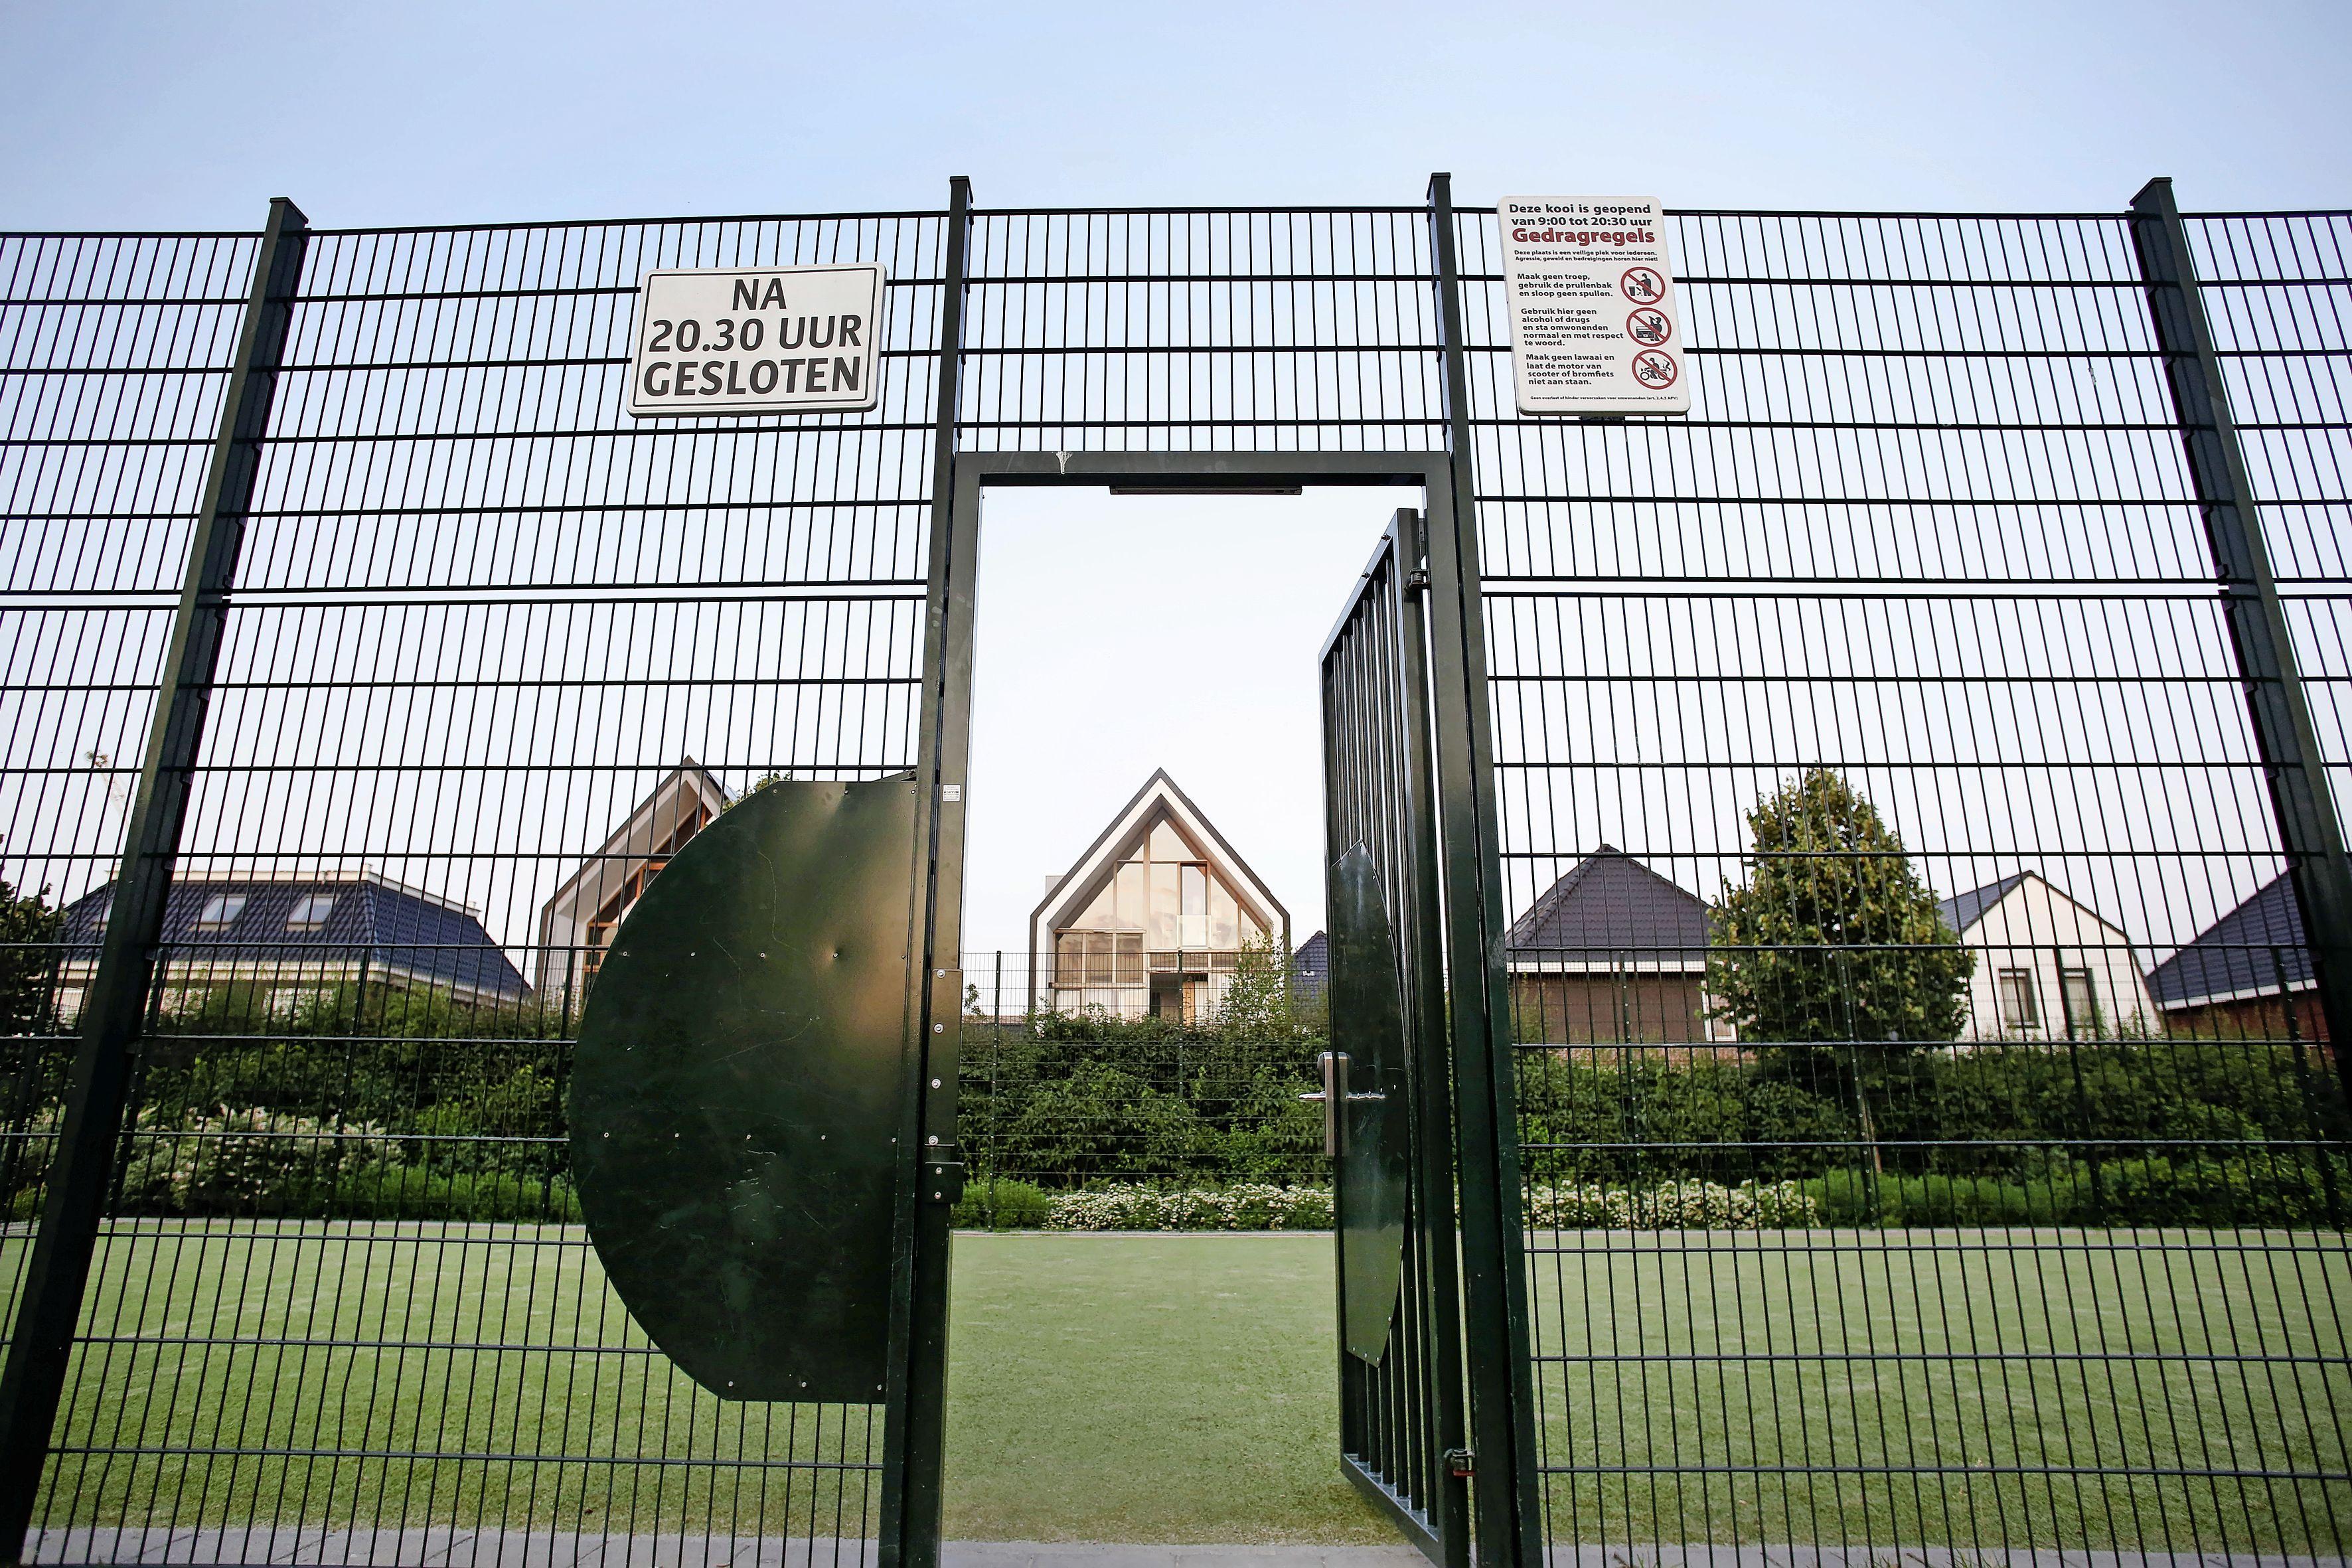 Voetbalkooi weg: de ene helft van de buurt is dolblij, de andere helft baalt verschrikkelijk